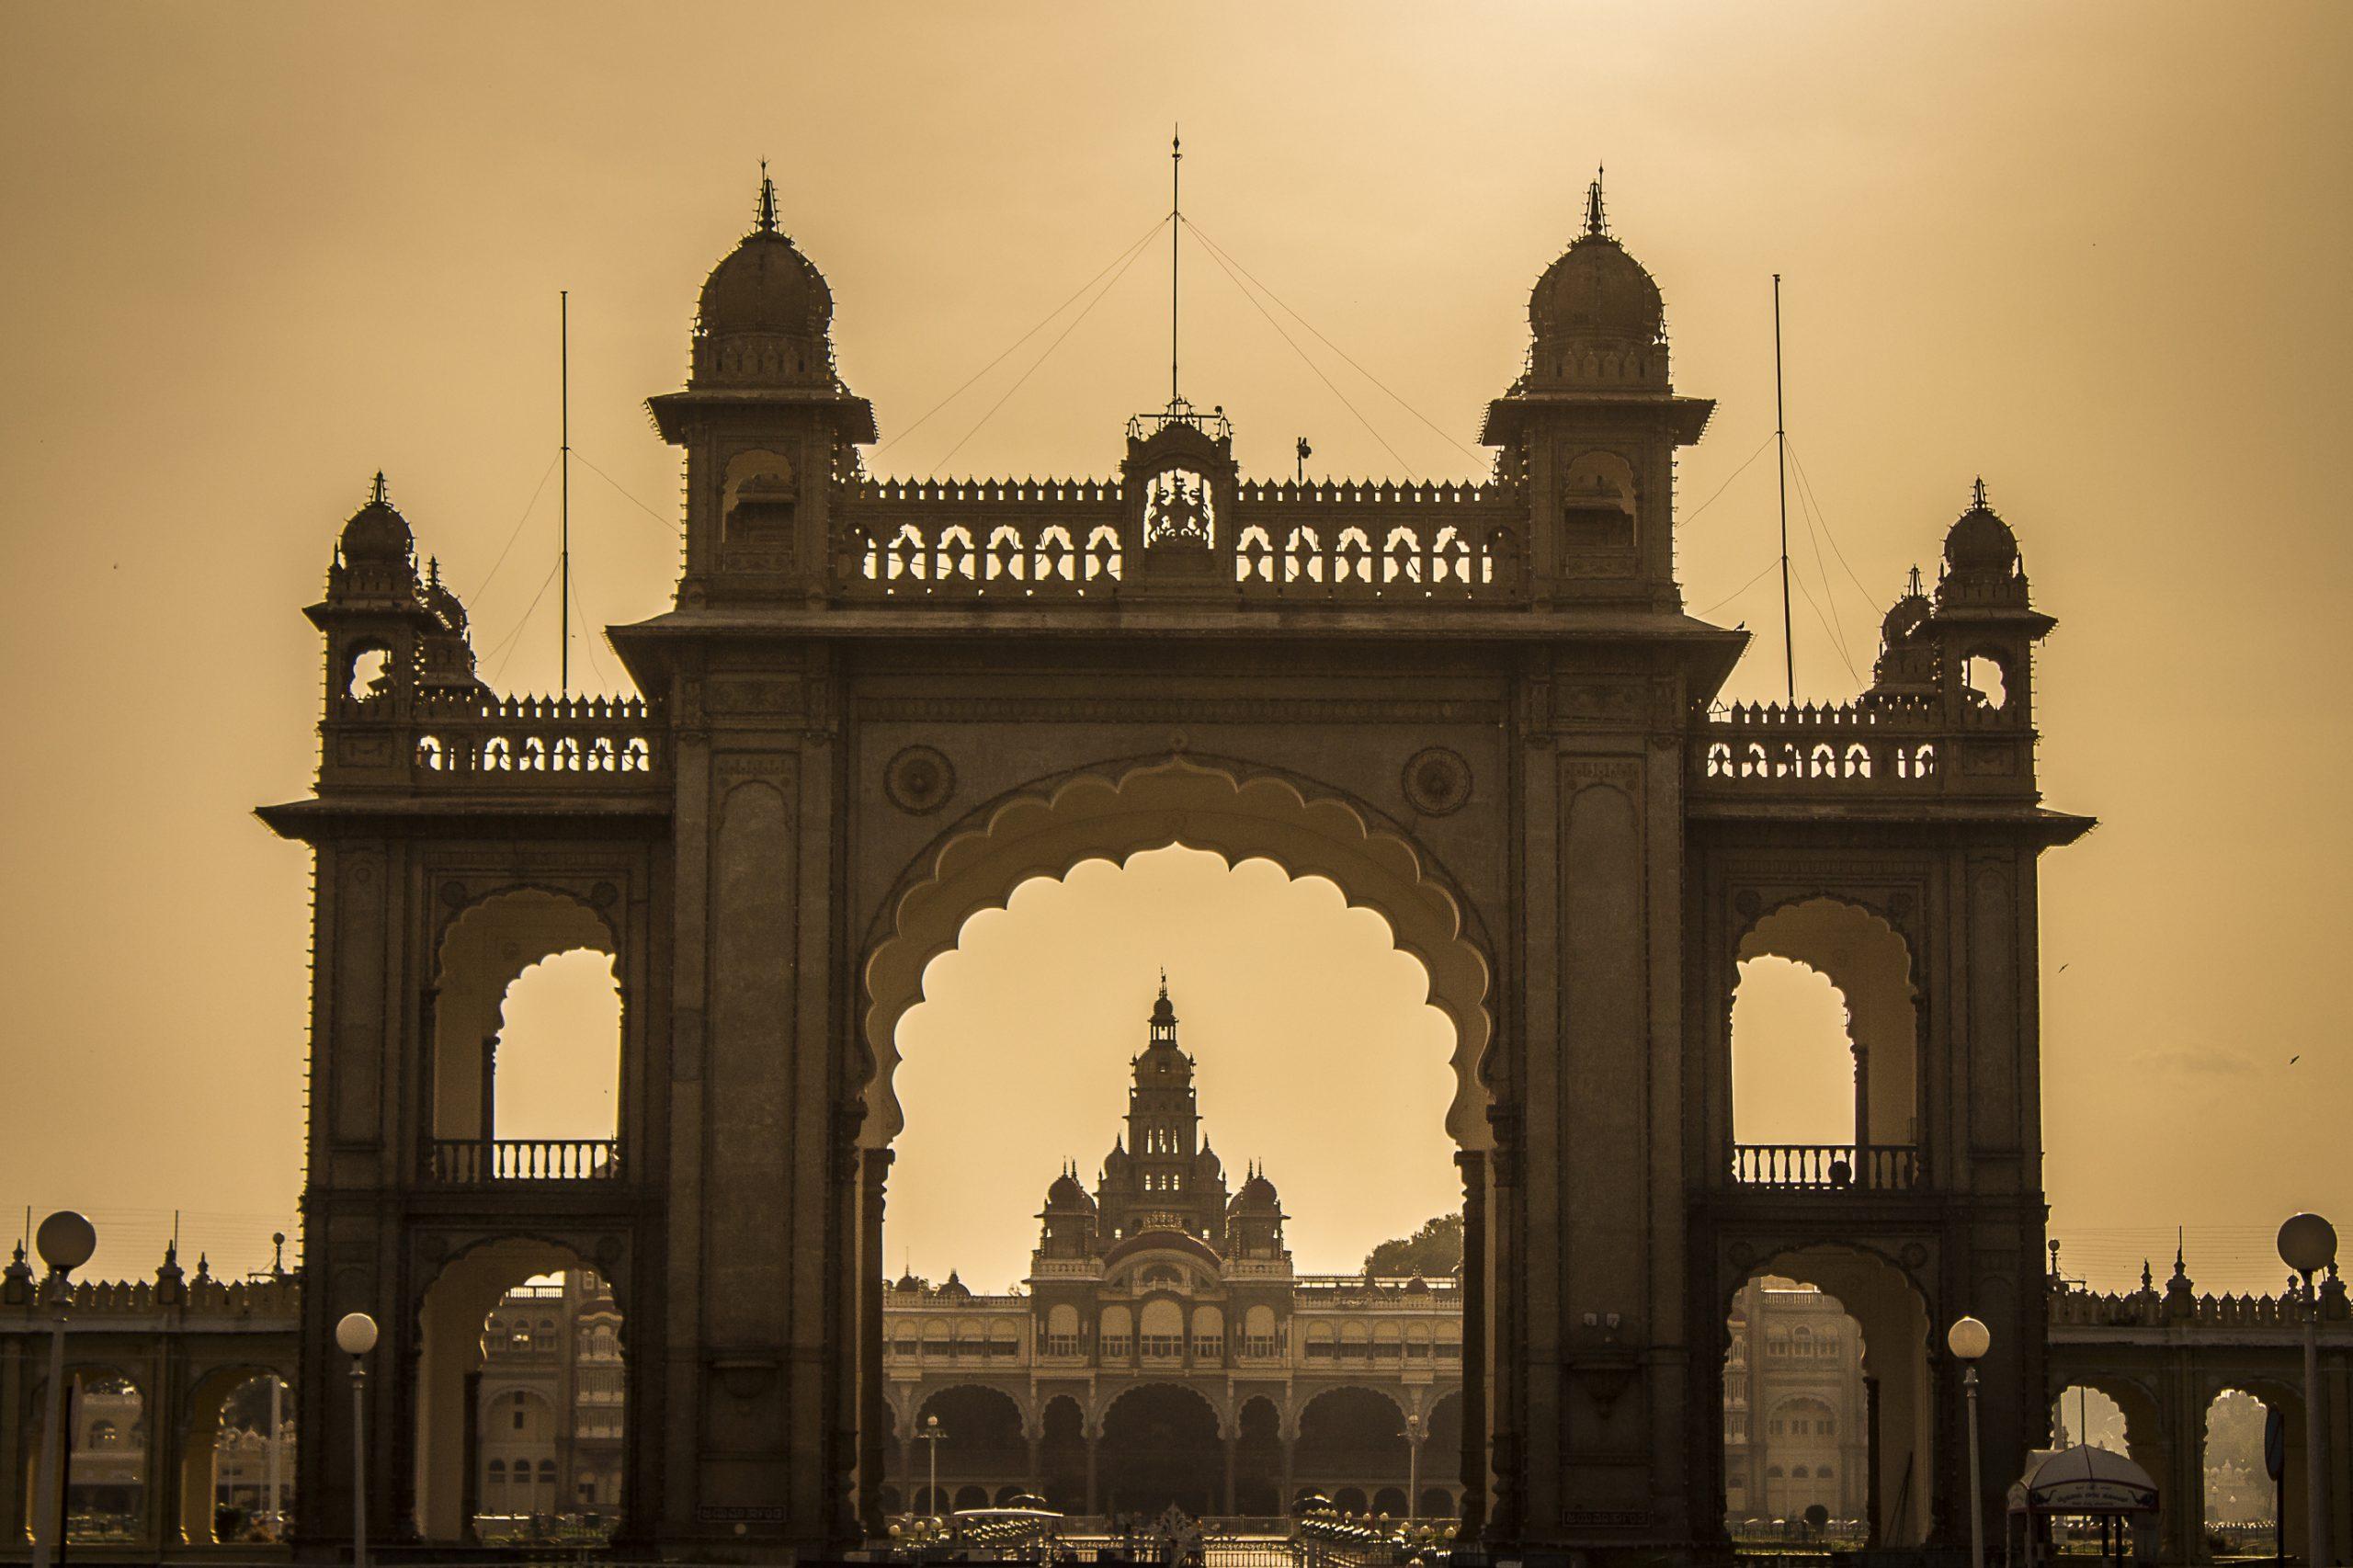 Entrance gate of Mysore Palace in Karnataka